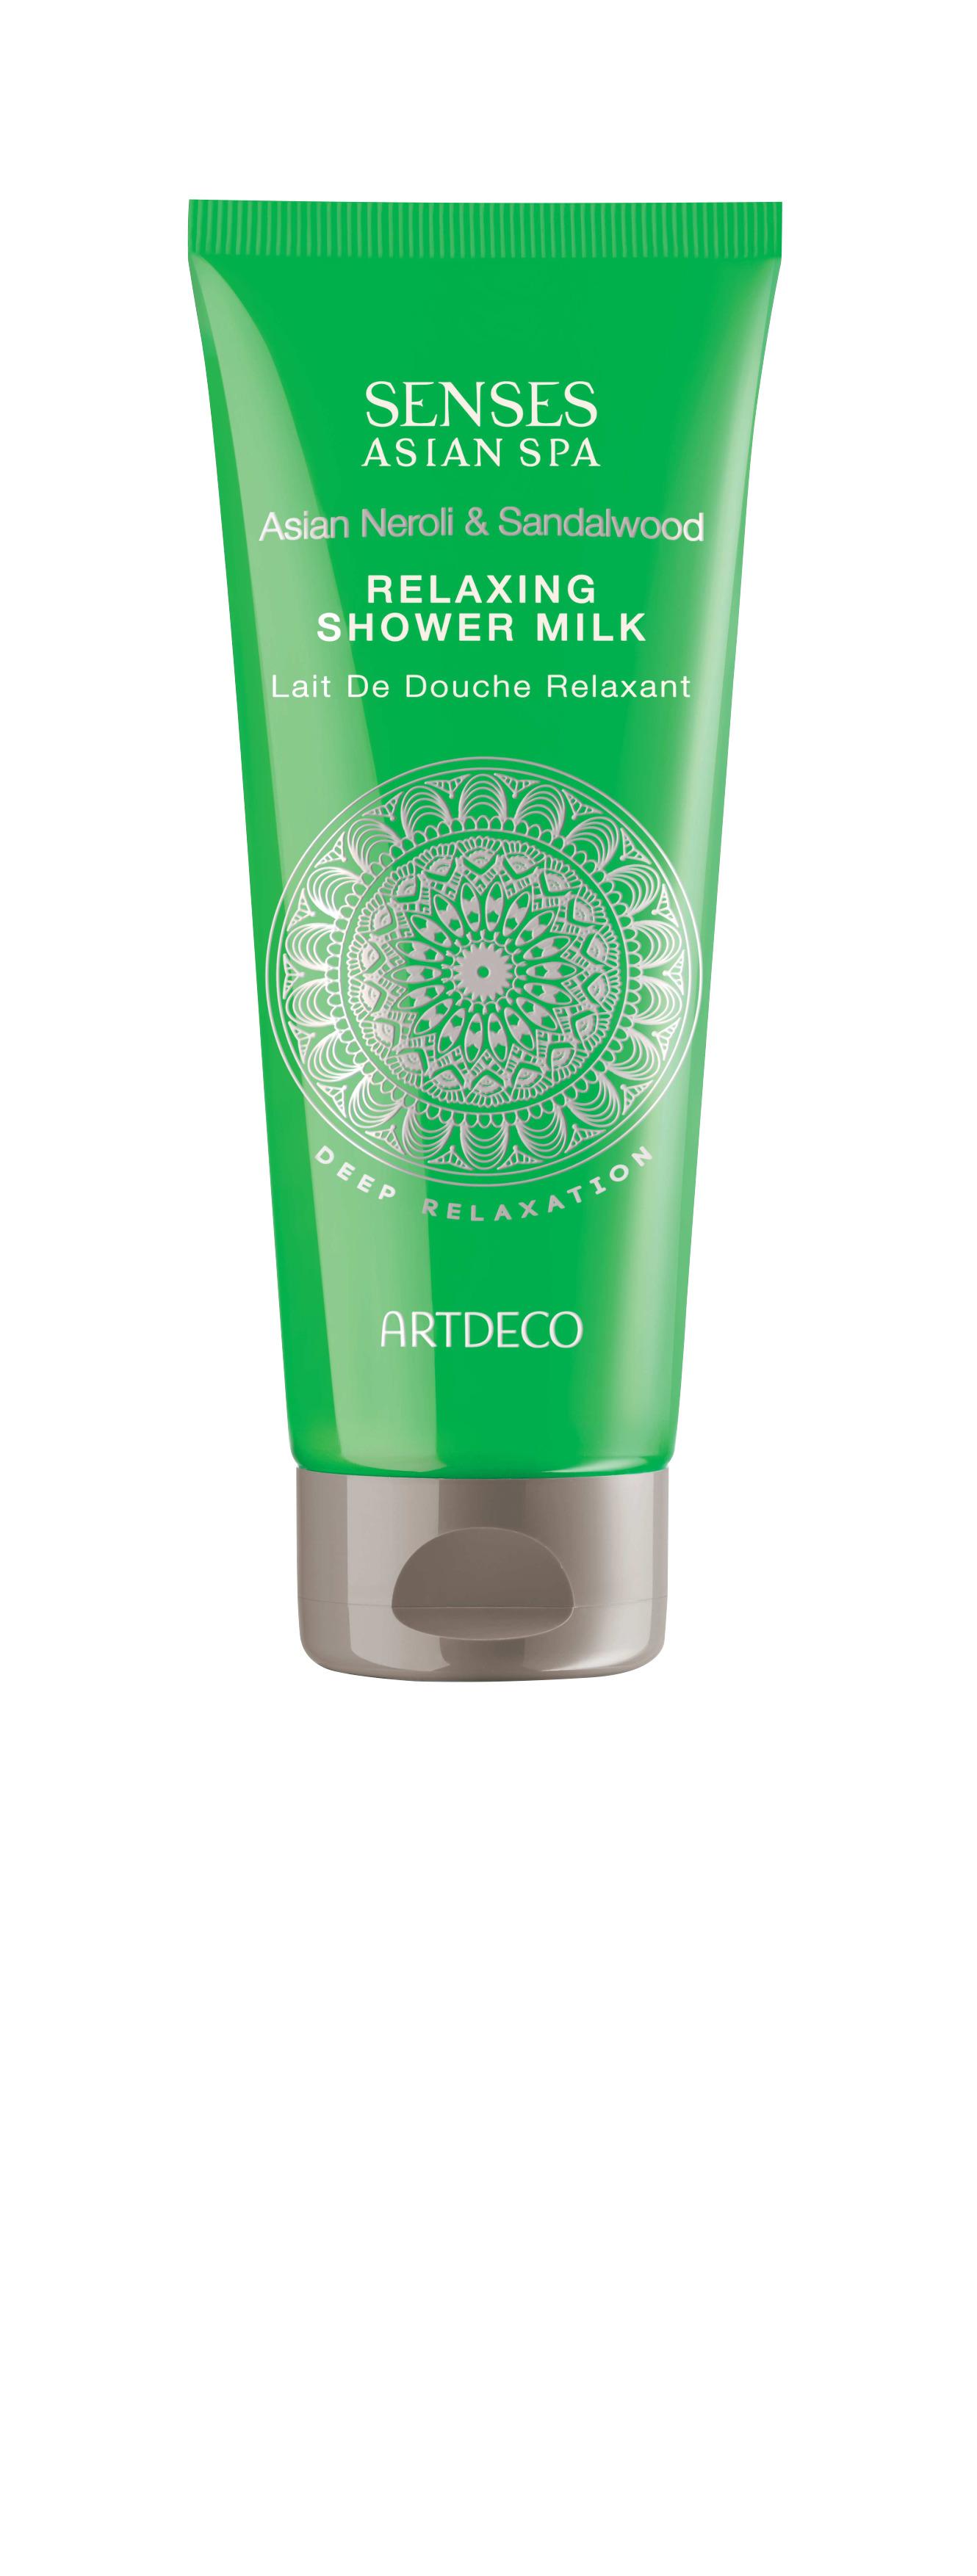 Artdeco молочко для душа успокаиващее Relaxing shower milk, deep relaxation, 200 мл65201Сливочная текстура нежно окутывает кожу Питает и увлажняет Дарит гармонию